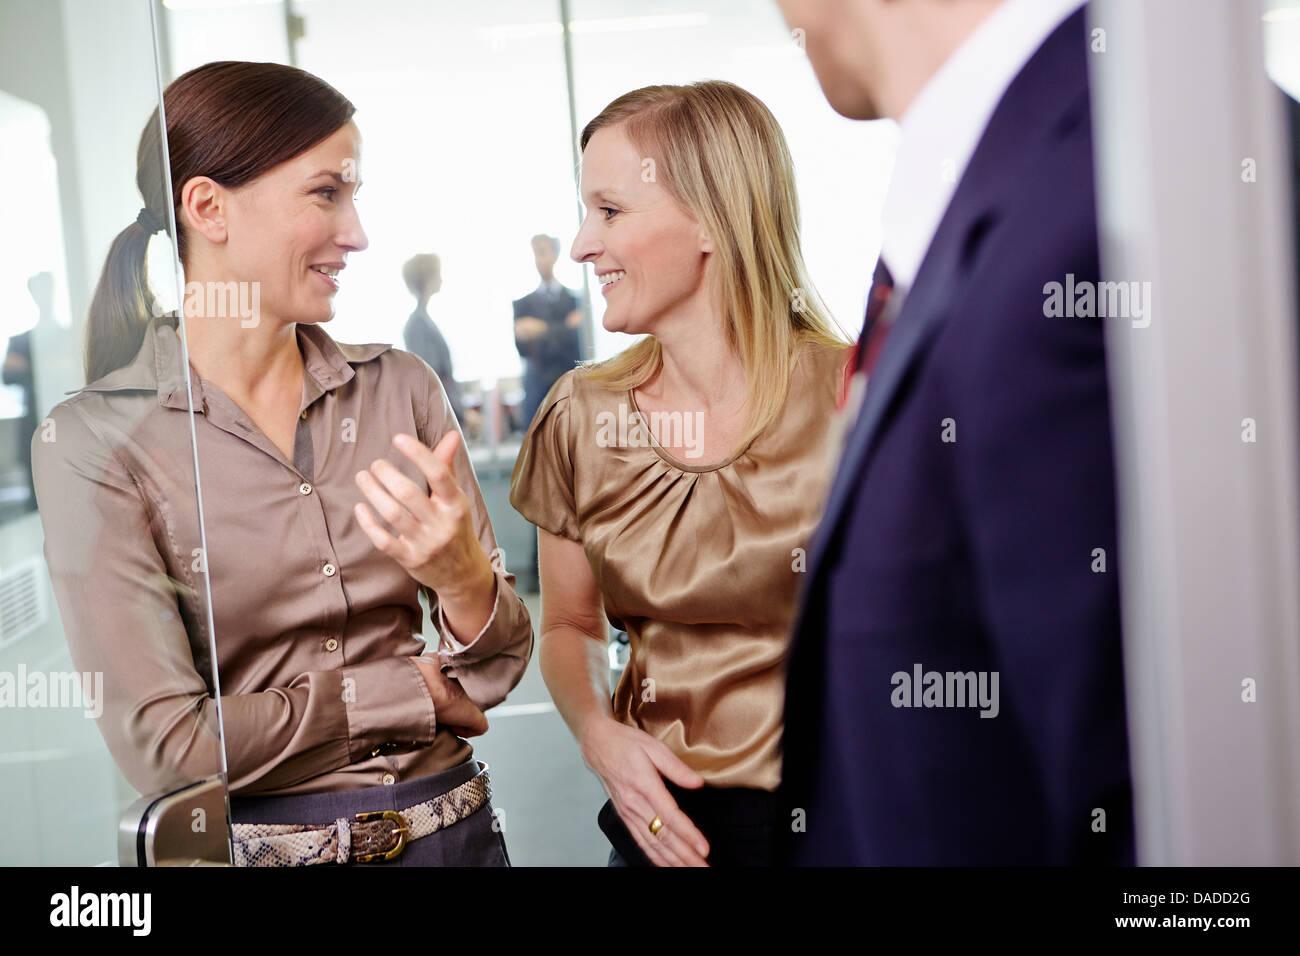 Las mujeres vestidas con atuendo de negocios de pie en el marco de la puerta de la oficina Imagen De Stock